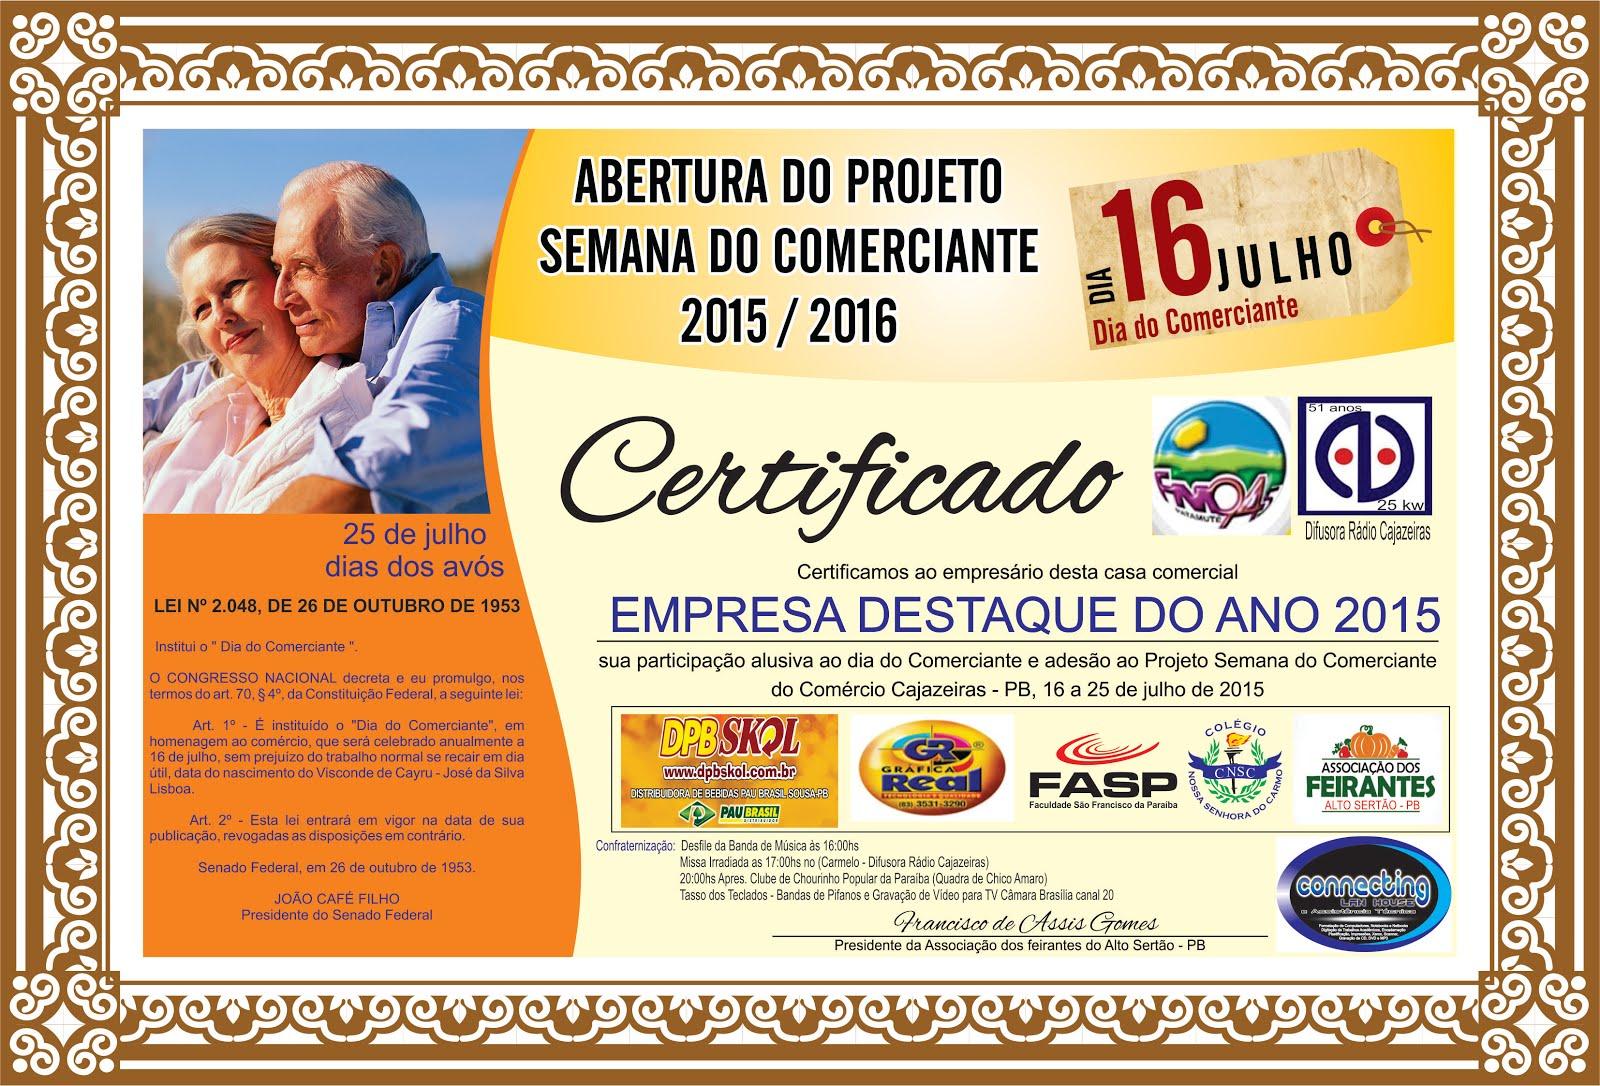 PROGRAMAÇÃO DOS FESTEJOS  JUNINOS E JULINOS  DIA DO COMERCIANTE  16  DE JULHO DE  2015